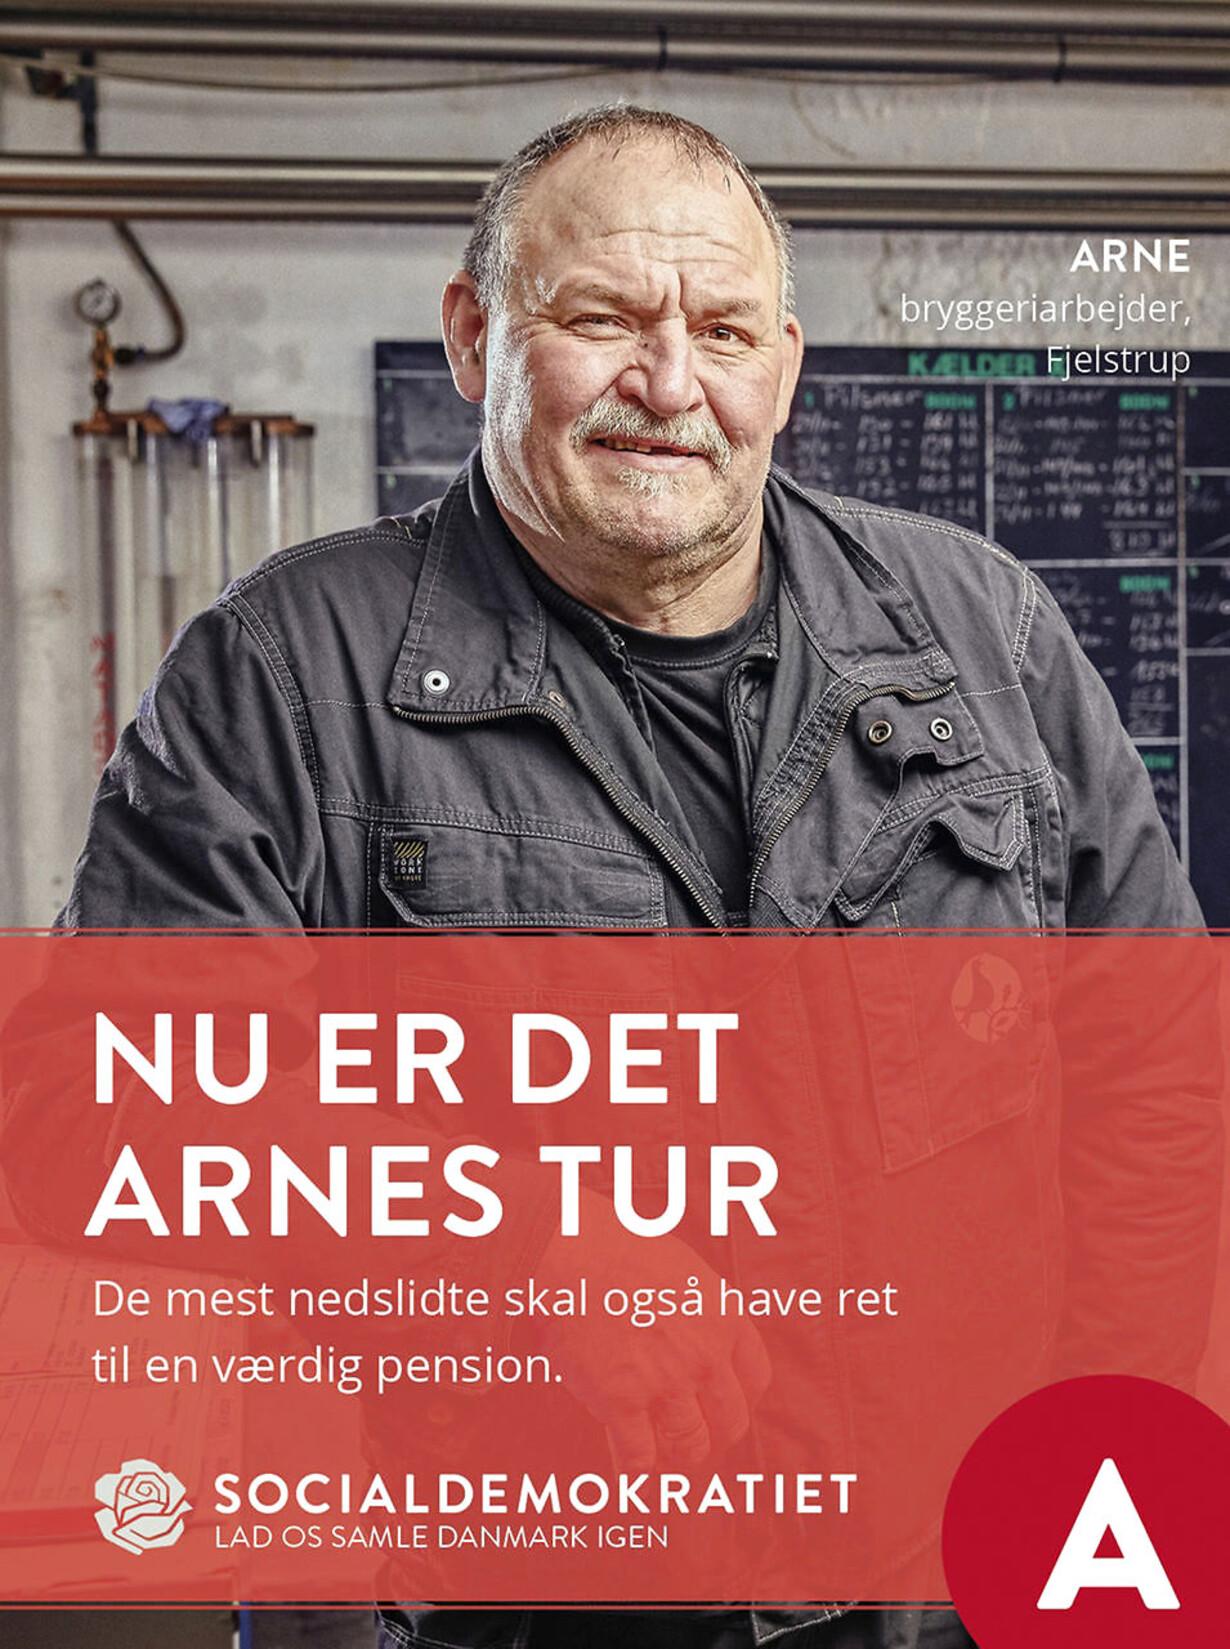 Arne Juhl